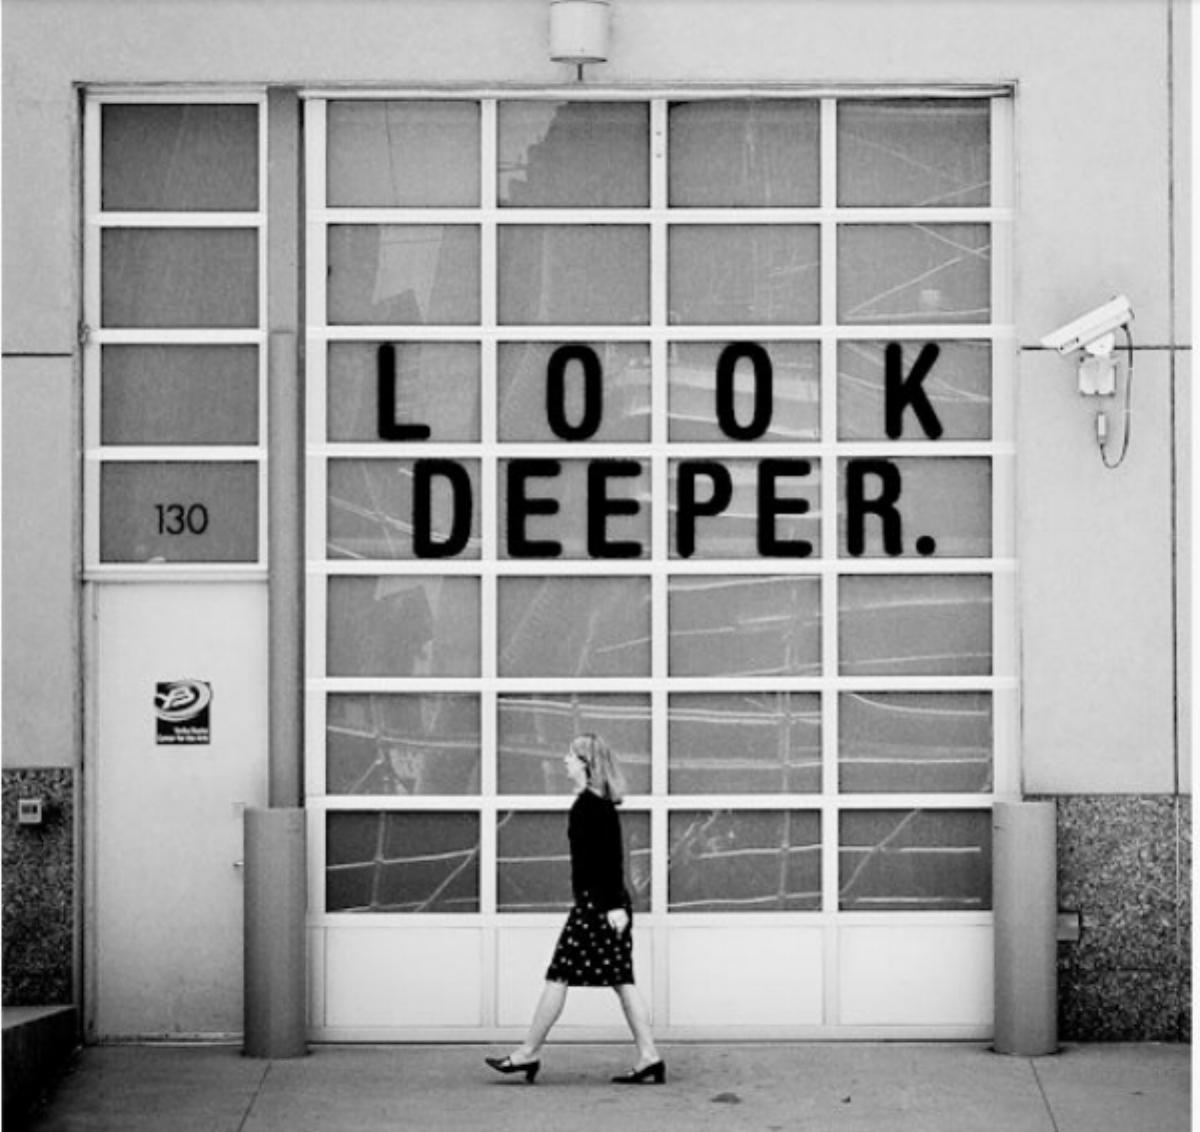 deep_n.jpg